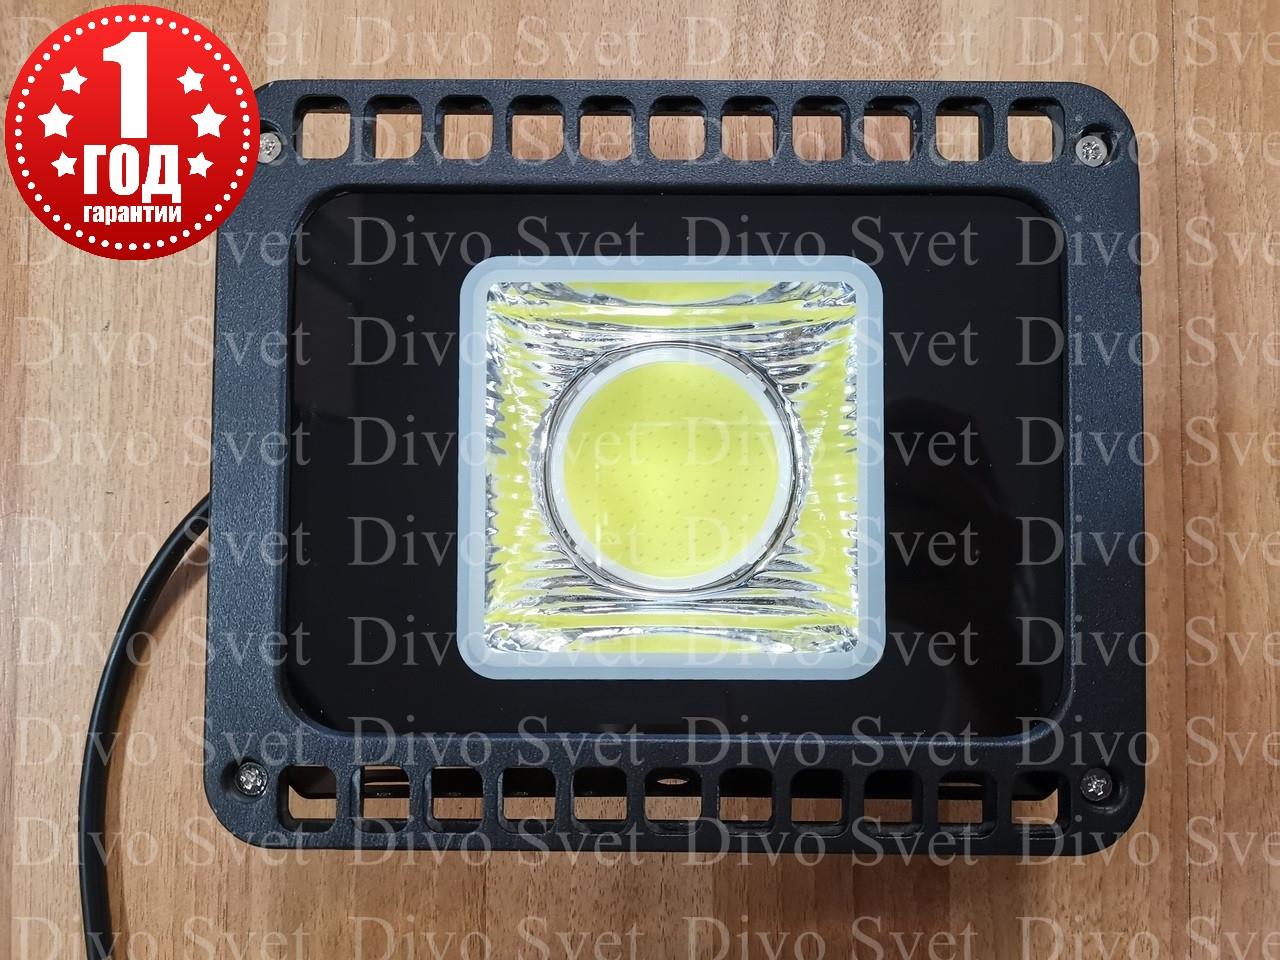 """Прожектор светодиодный COB7070 50 W """"Стандарт"""" серия, бюджетная. LED светильник 50 Вт. Прожекторы освещения."""